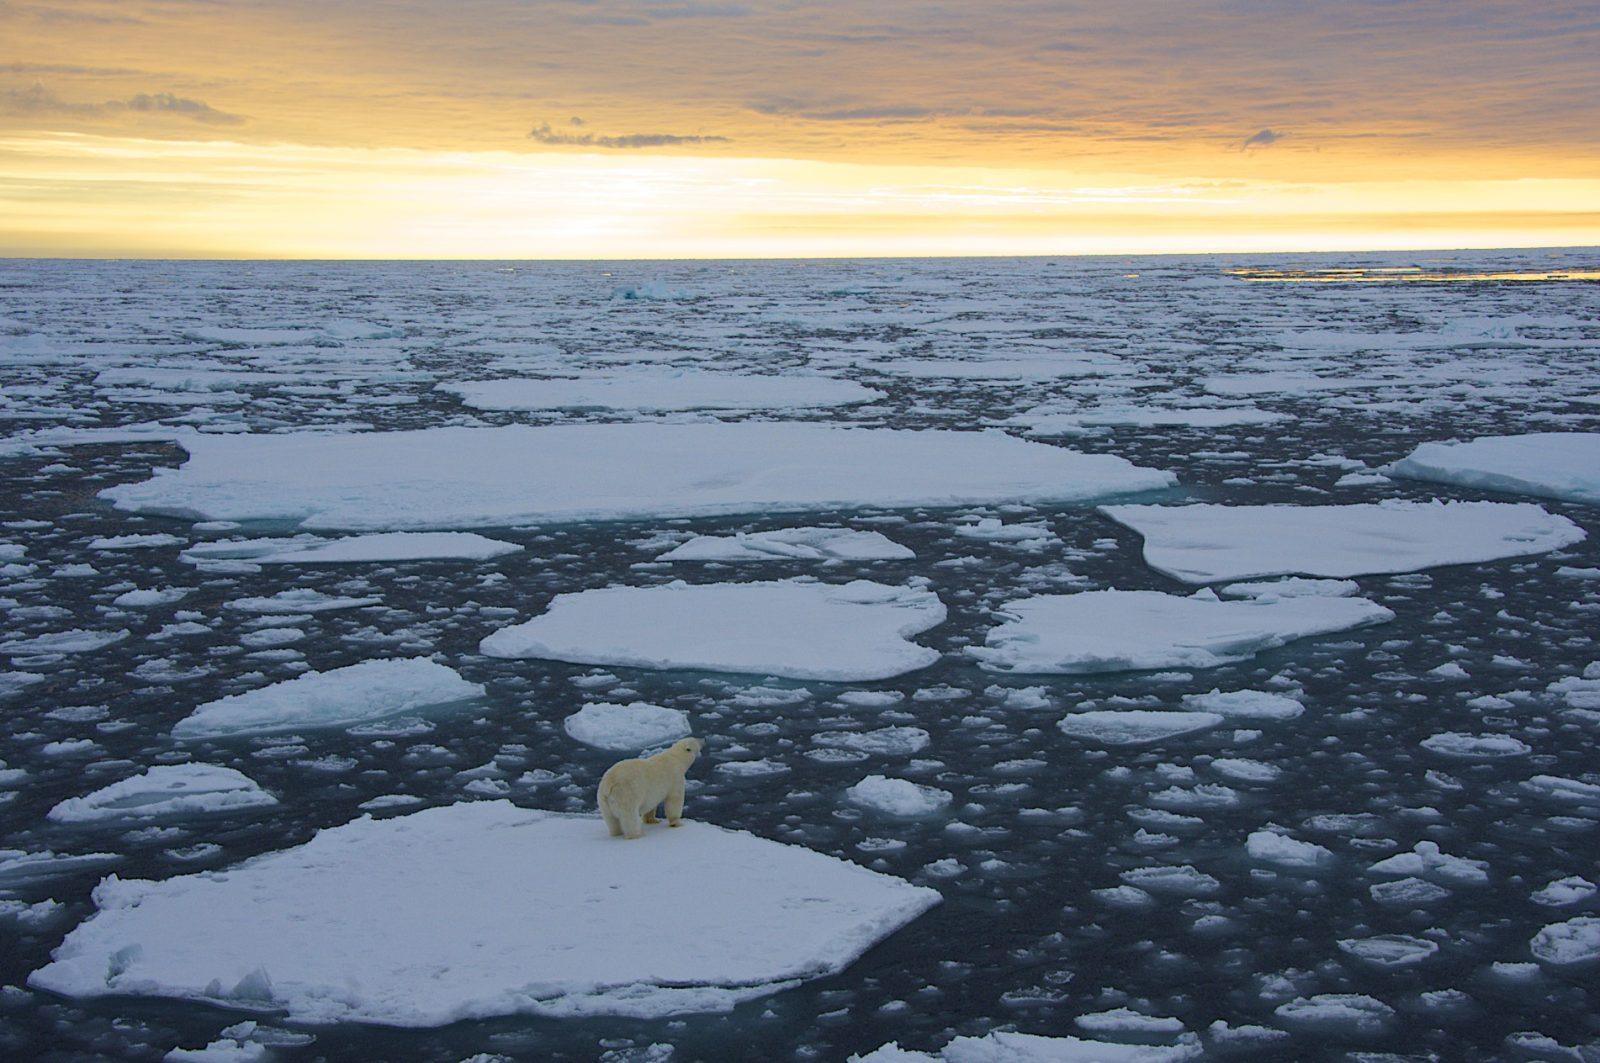 Polar Bear on the ice in the Polar Regions.